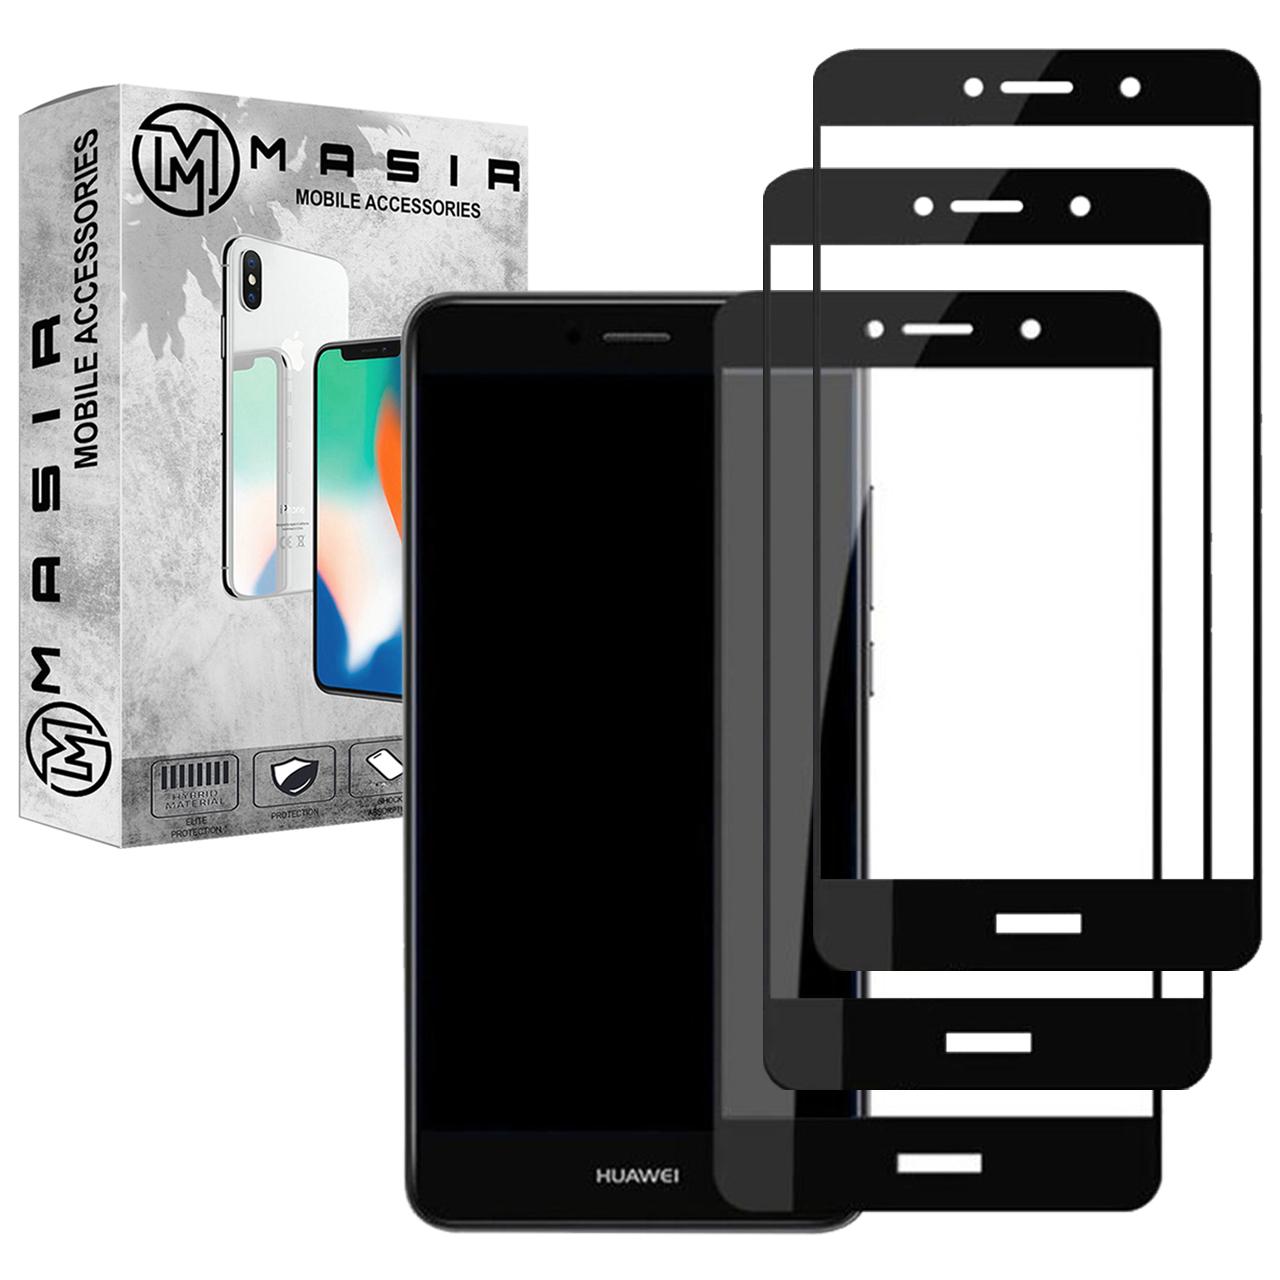 محافظ صفحه نمایش مسیر مدل MGF-3 مناسب برای گوشی موبایل هوآوی Y7 Prime 2017  بسته سه عددی